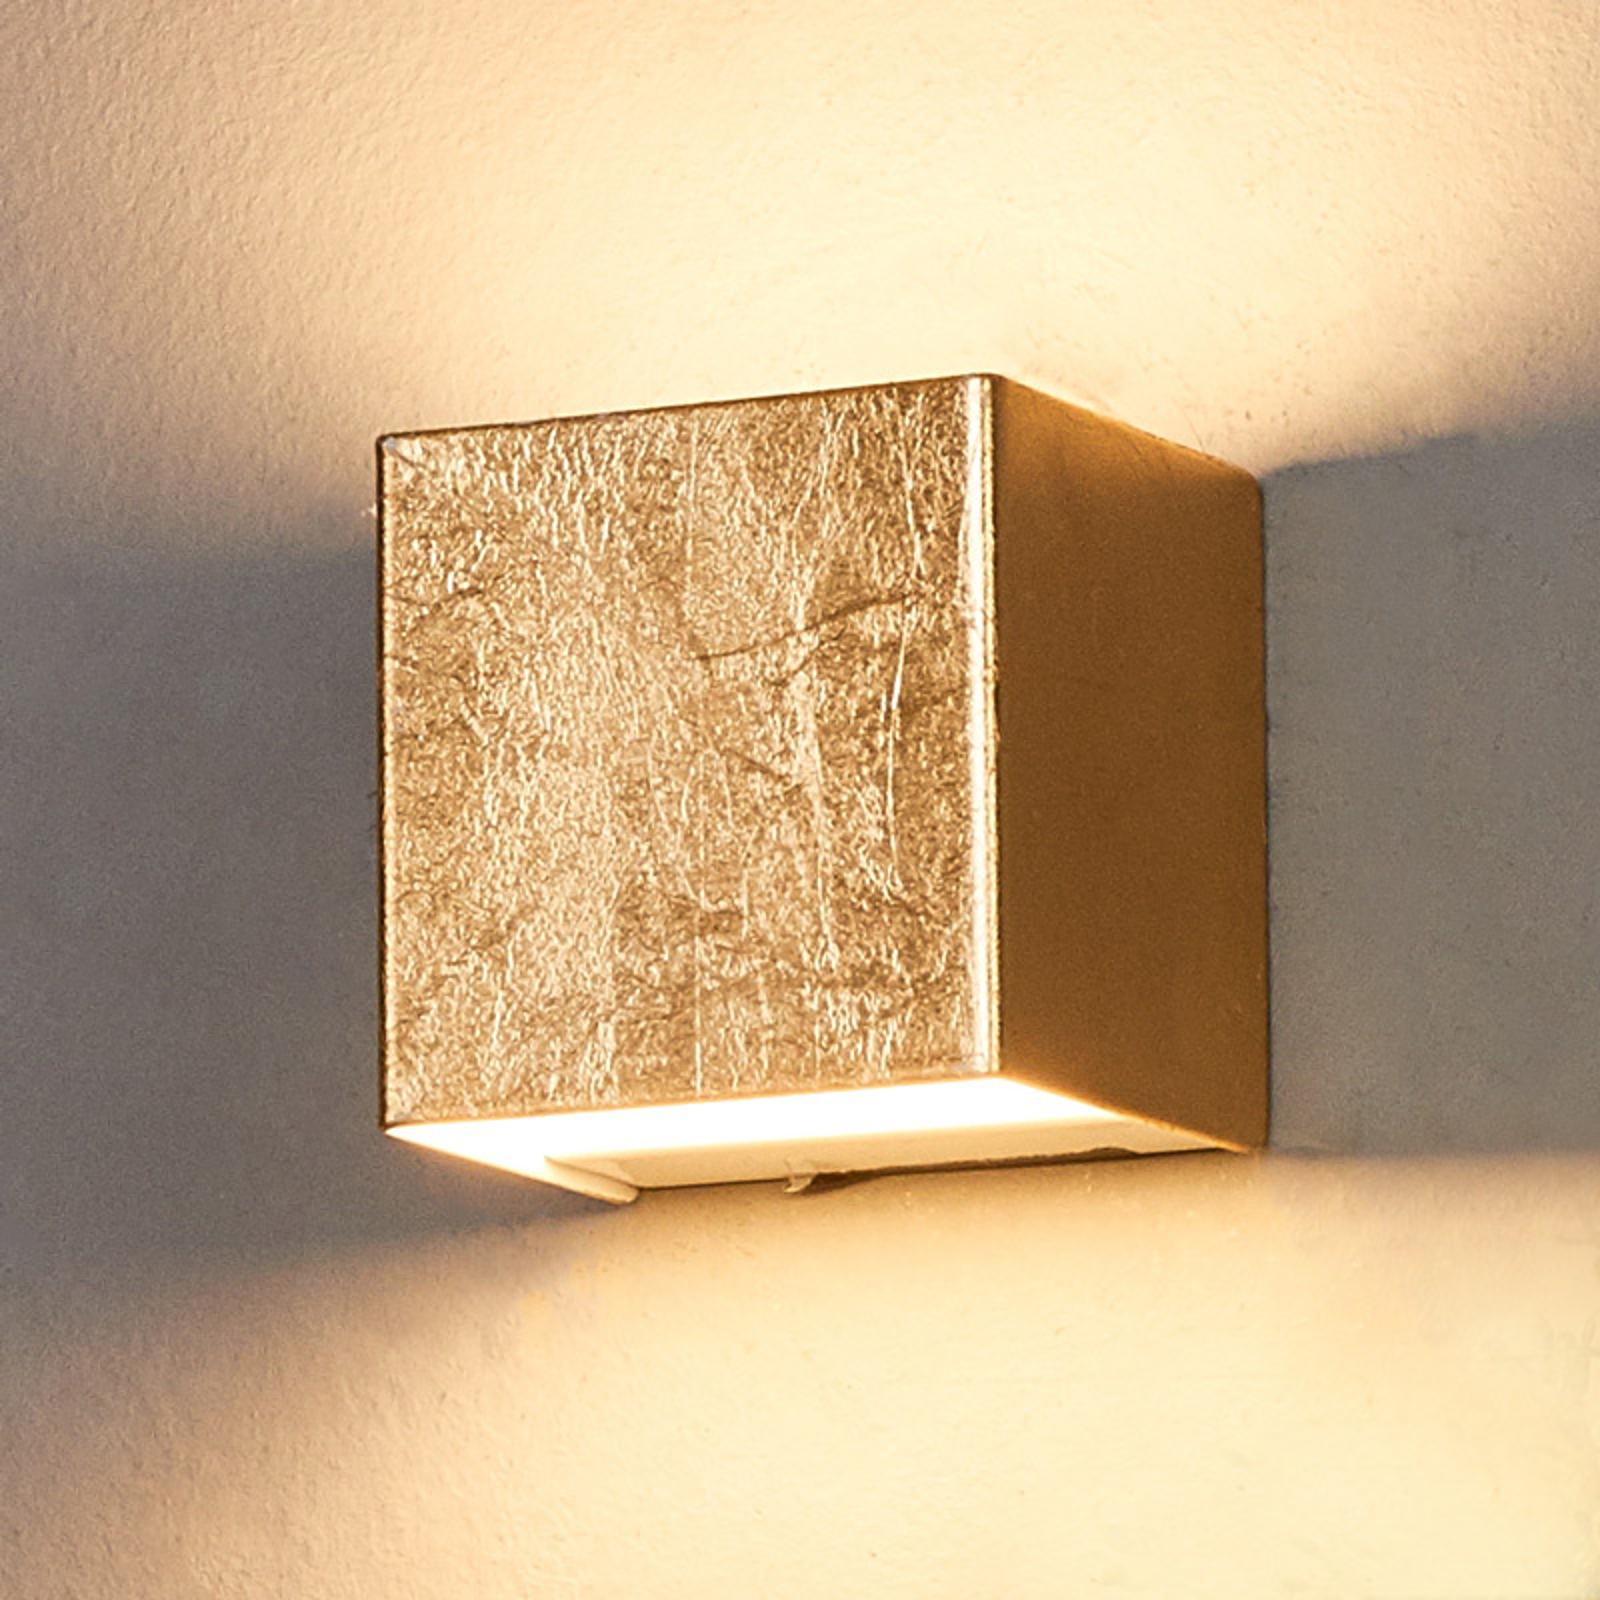 LED nástěnné svítidlo Quentin, zlaté, šířka 9 cm